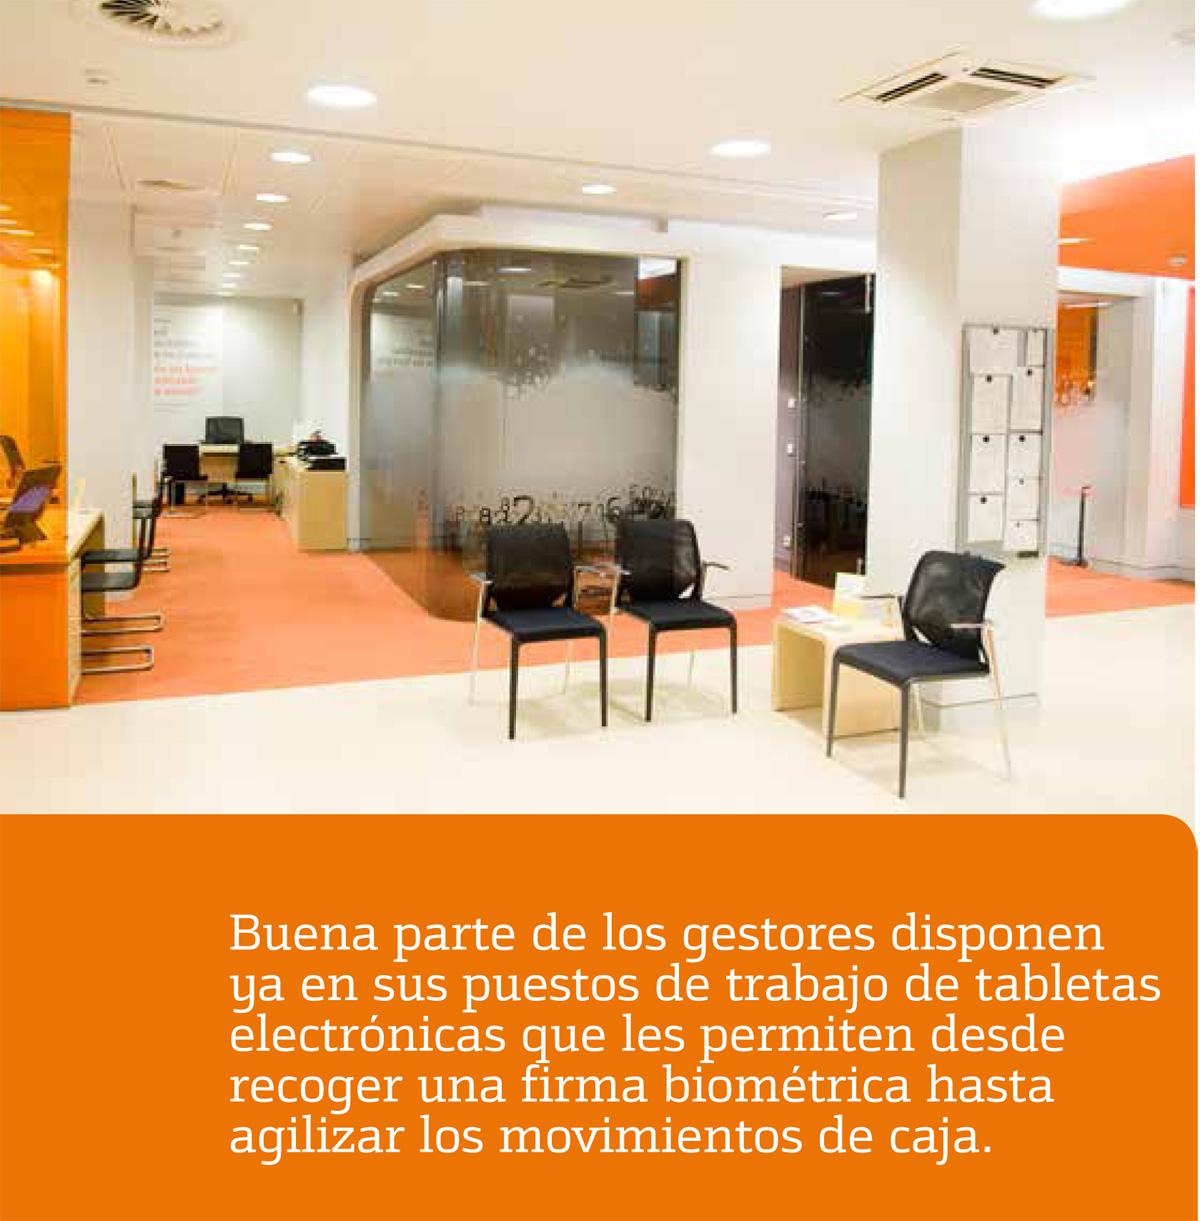 Quienes han vuelto a las oficinas con los primeros for Buscador oficinas bankinter